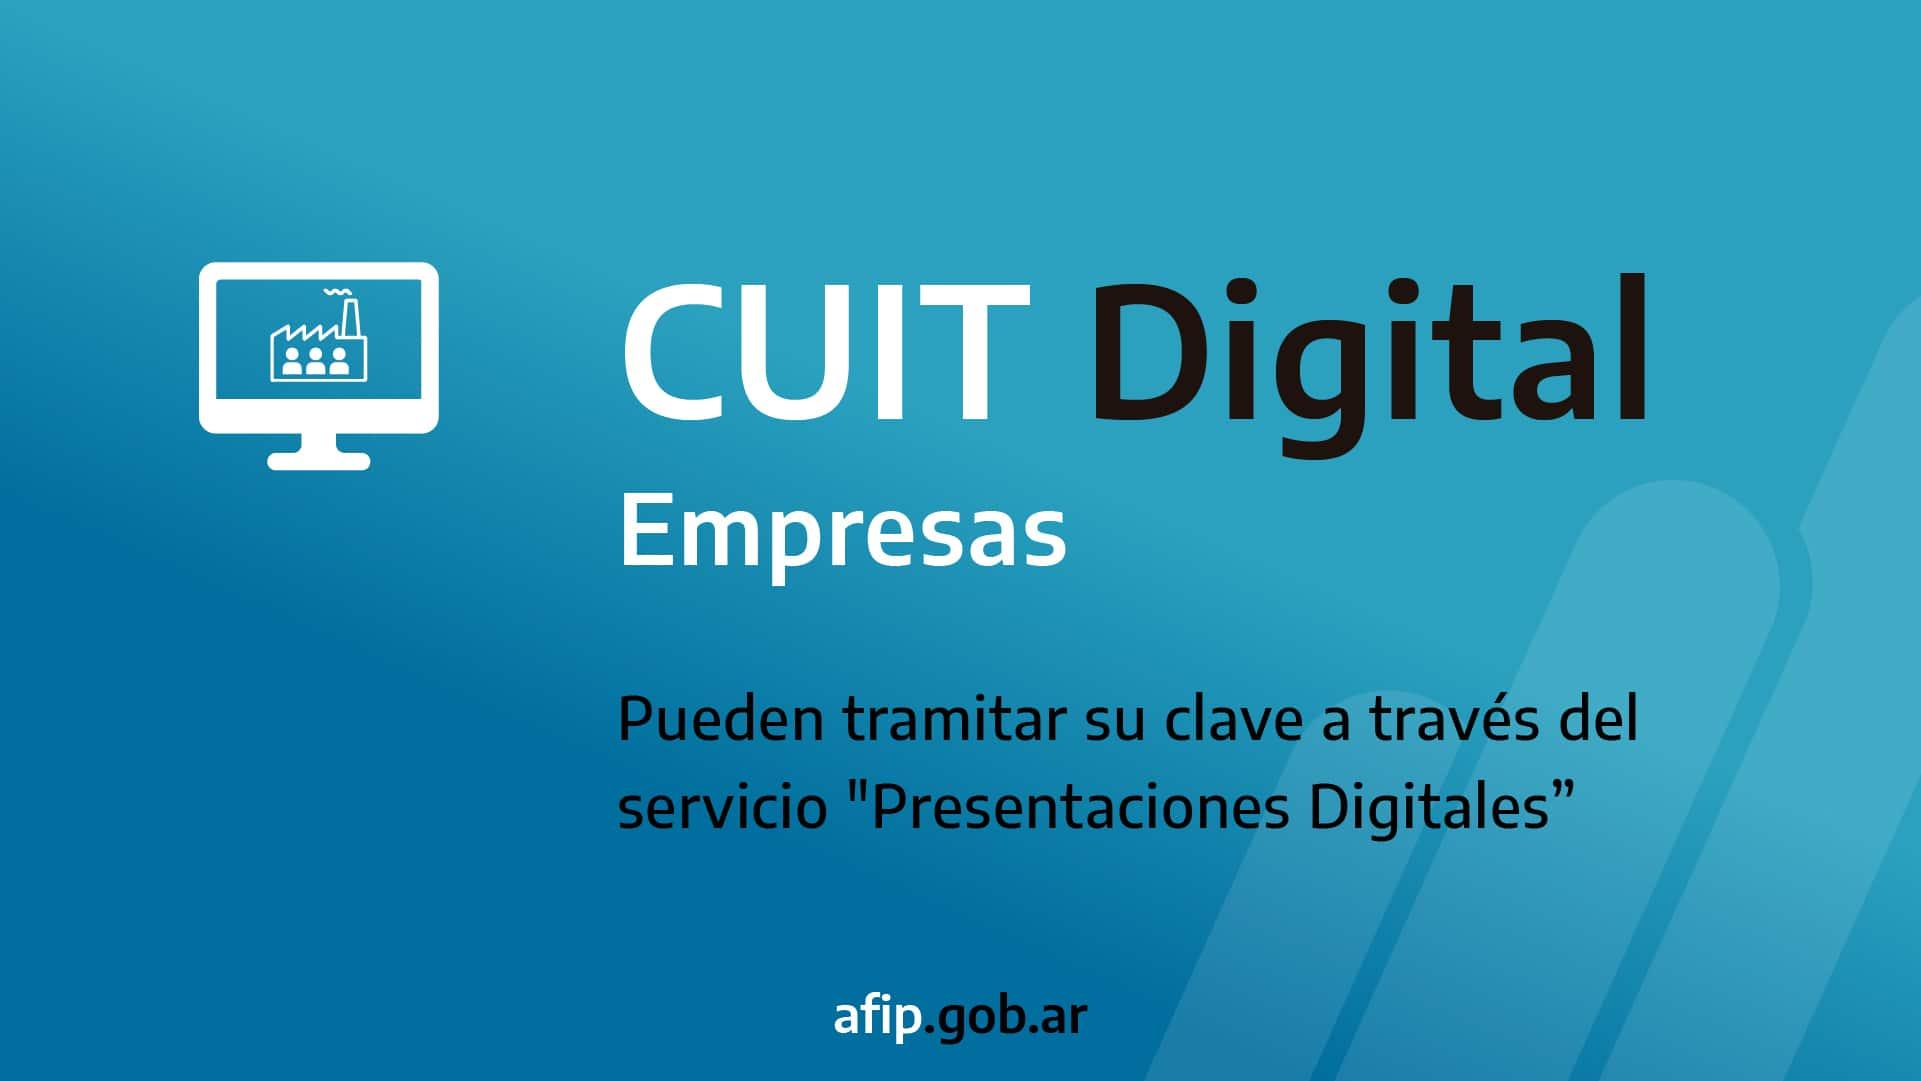 cuit digital empresas Obtención de CUIT en forma digital para personas jurídicas